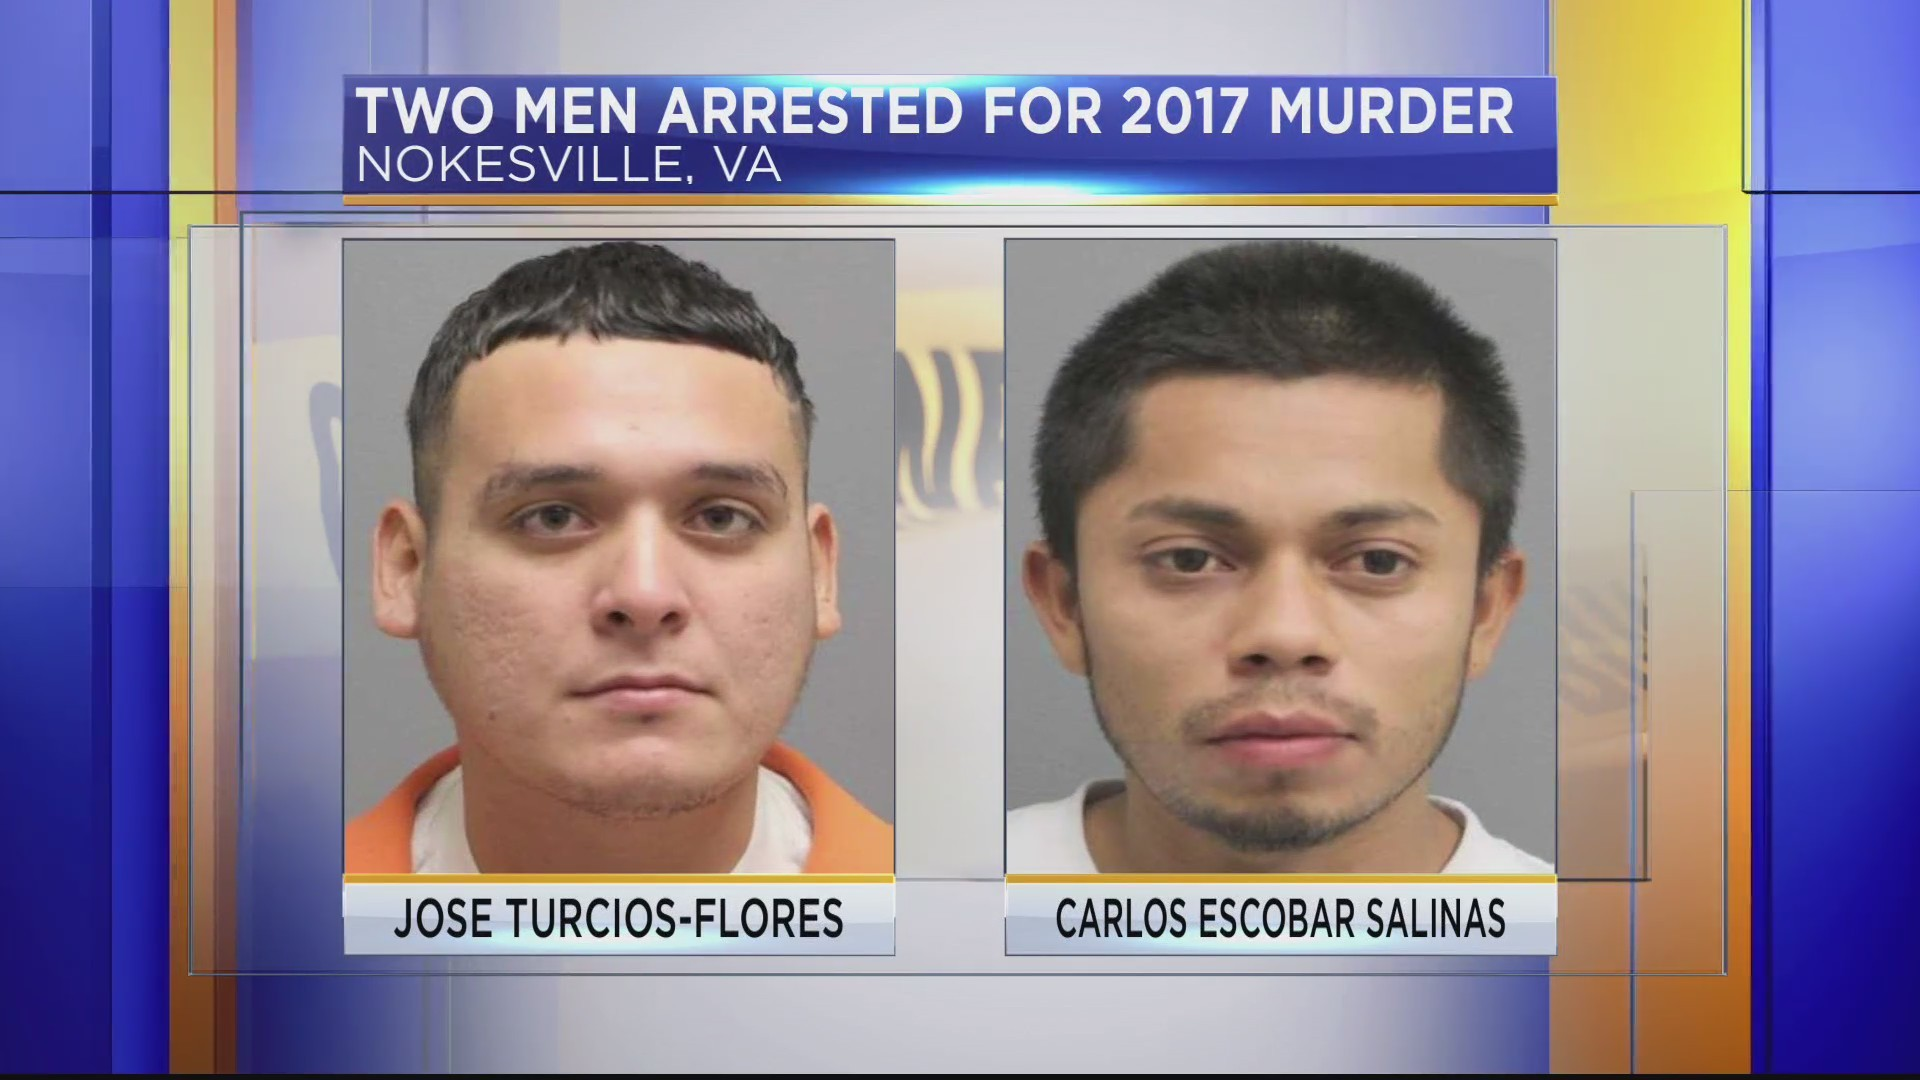 Two men arrested for 2017 Nokesville murder